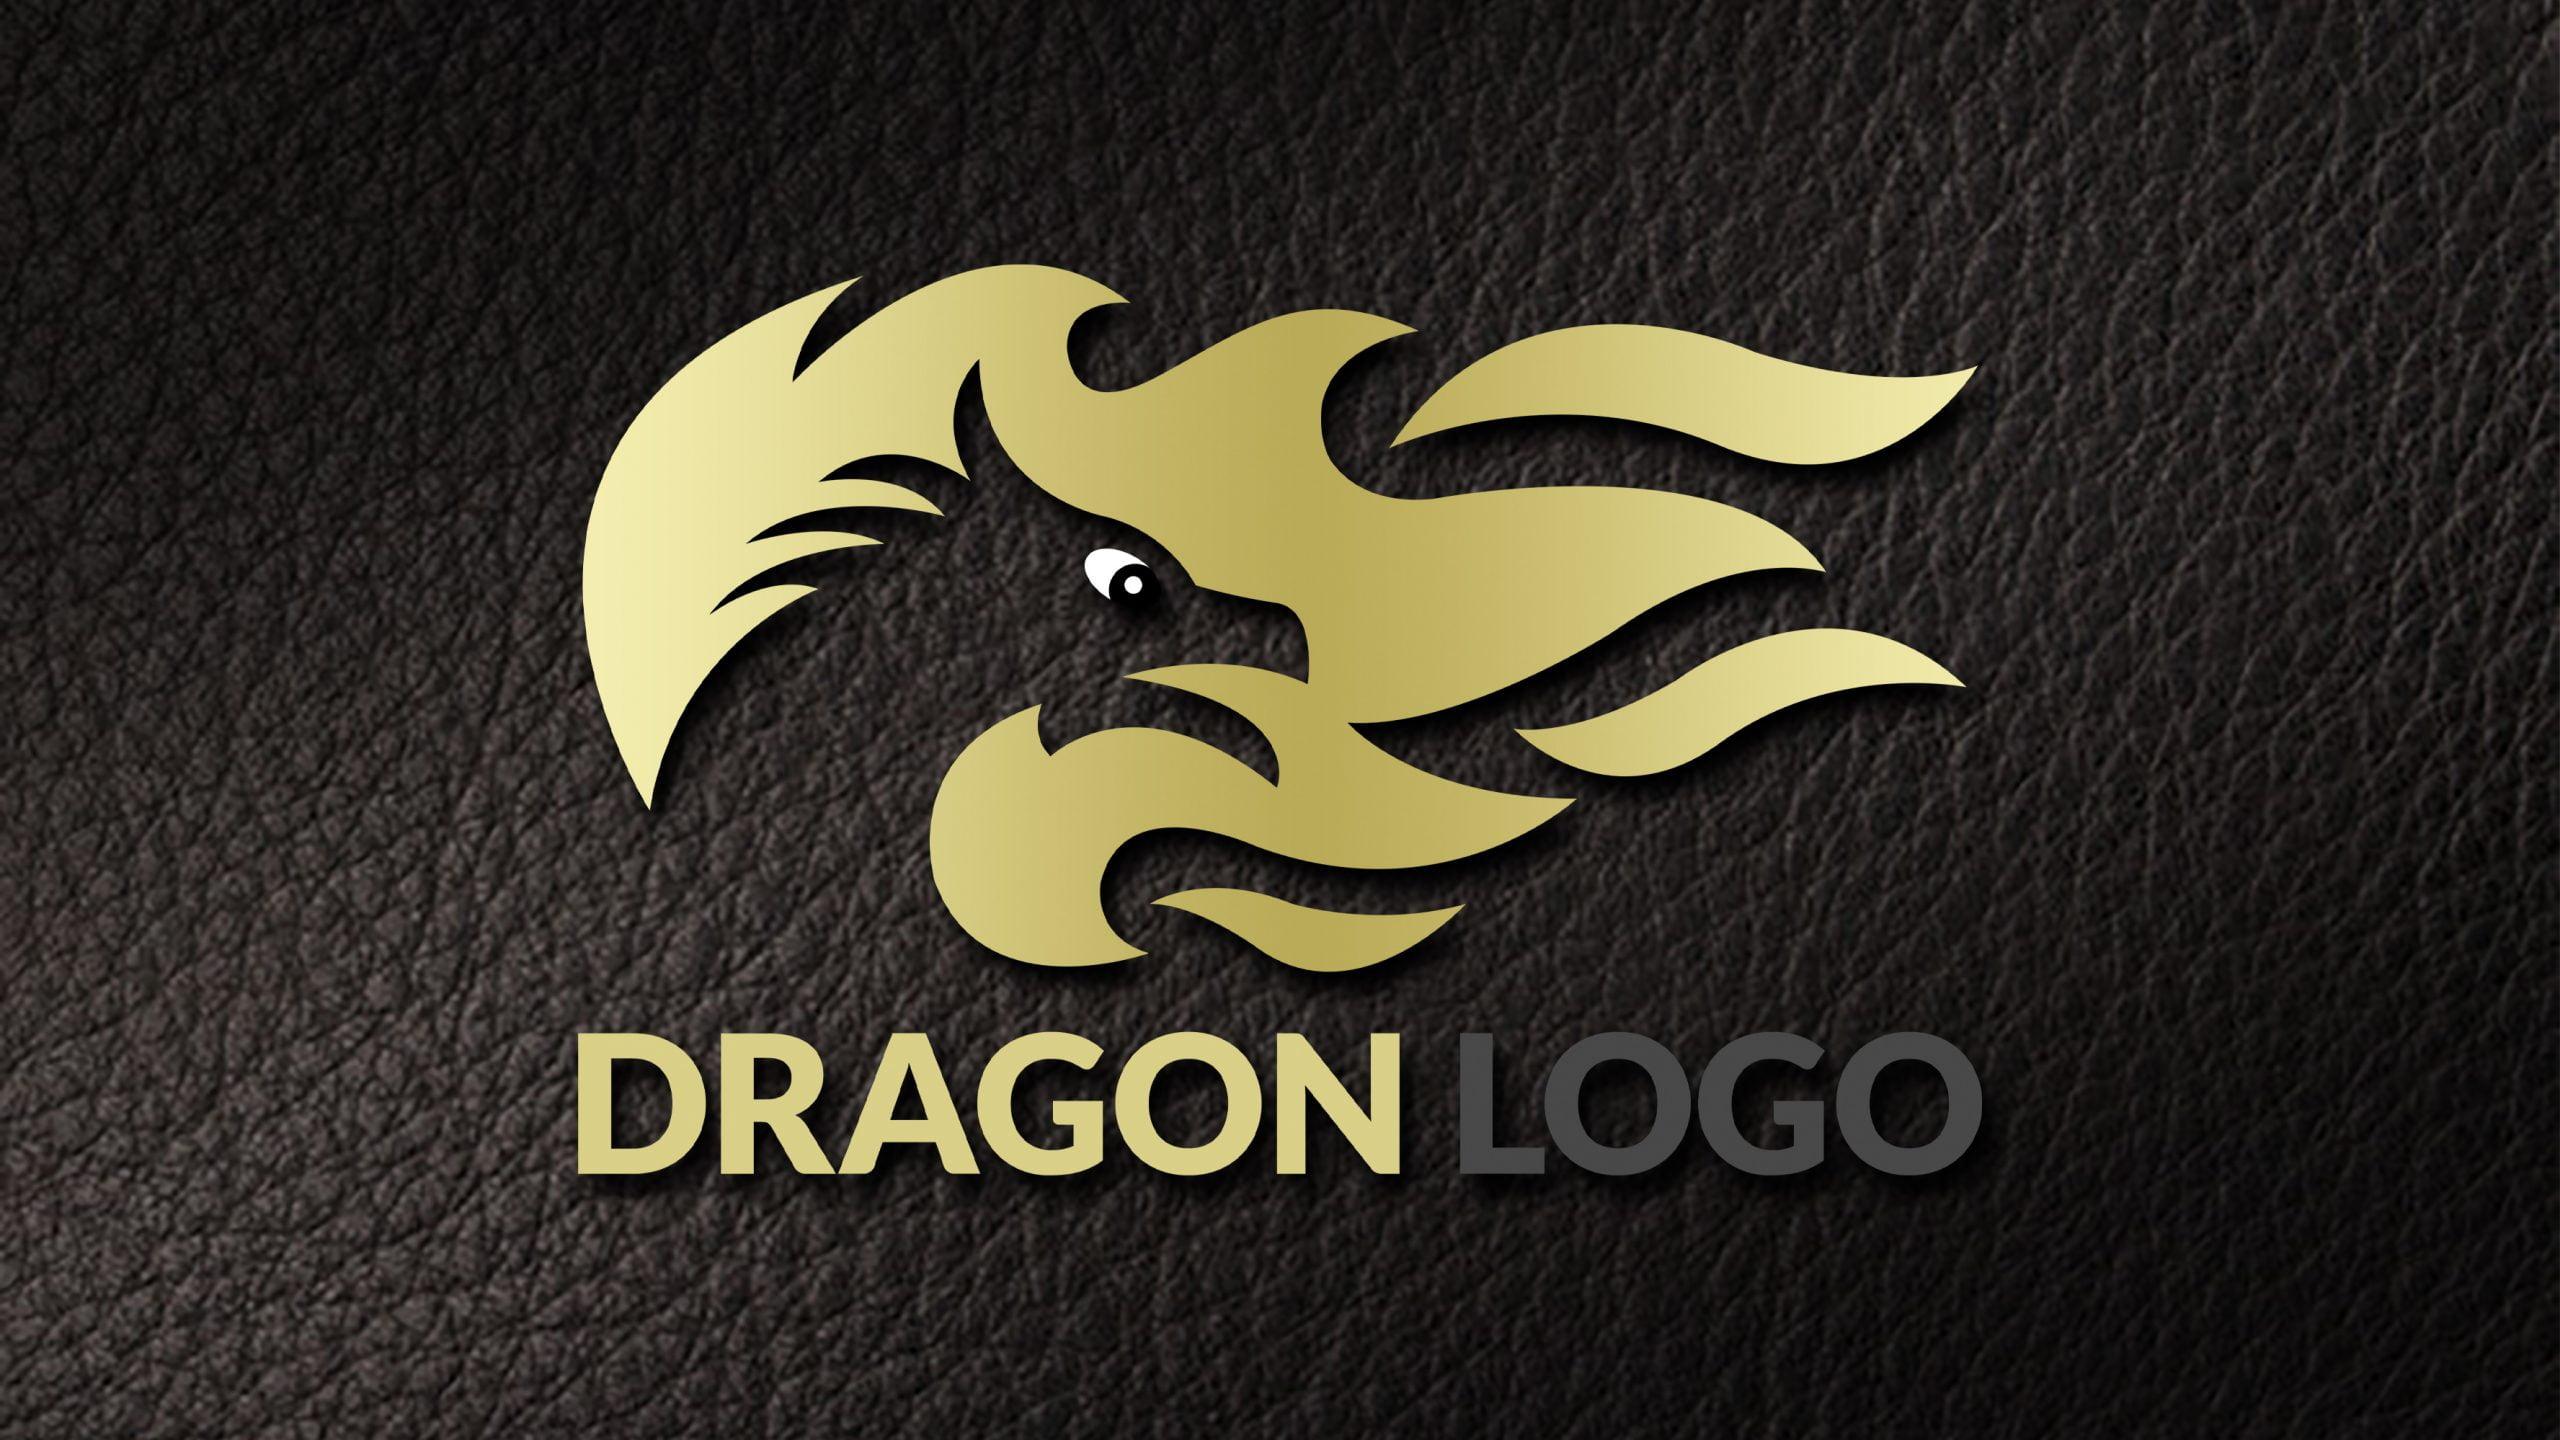 Free Download Dragon Logo Design